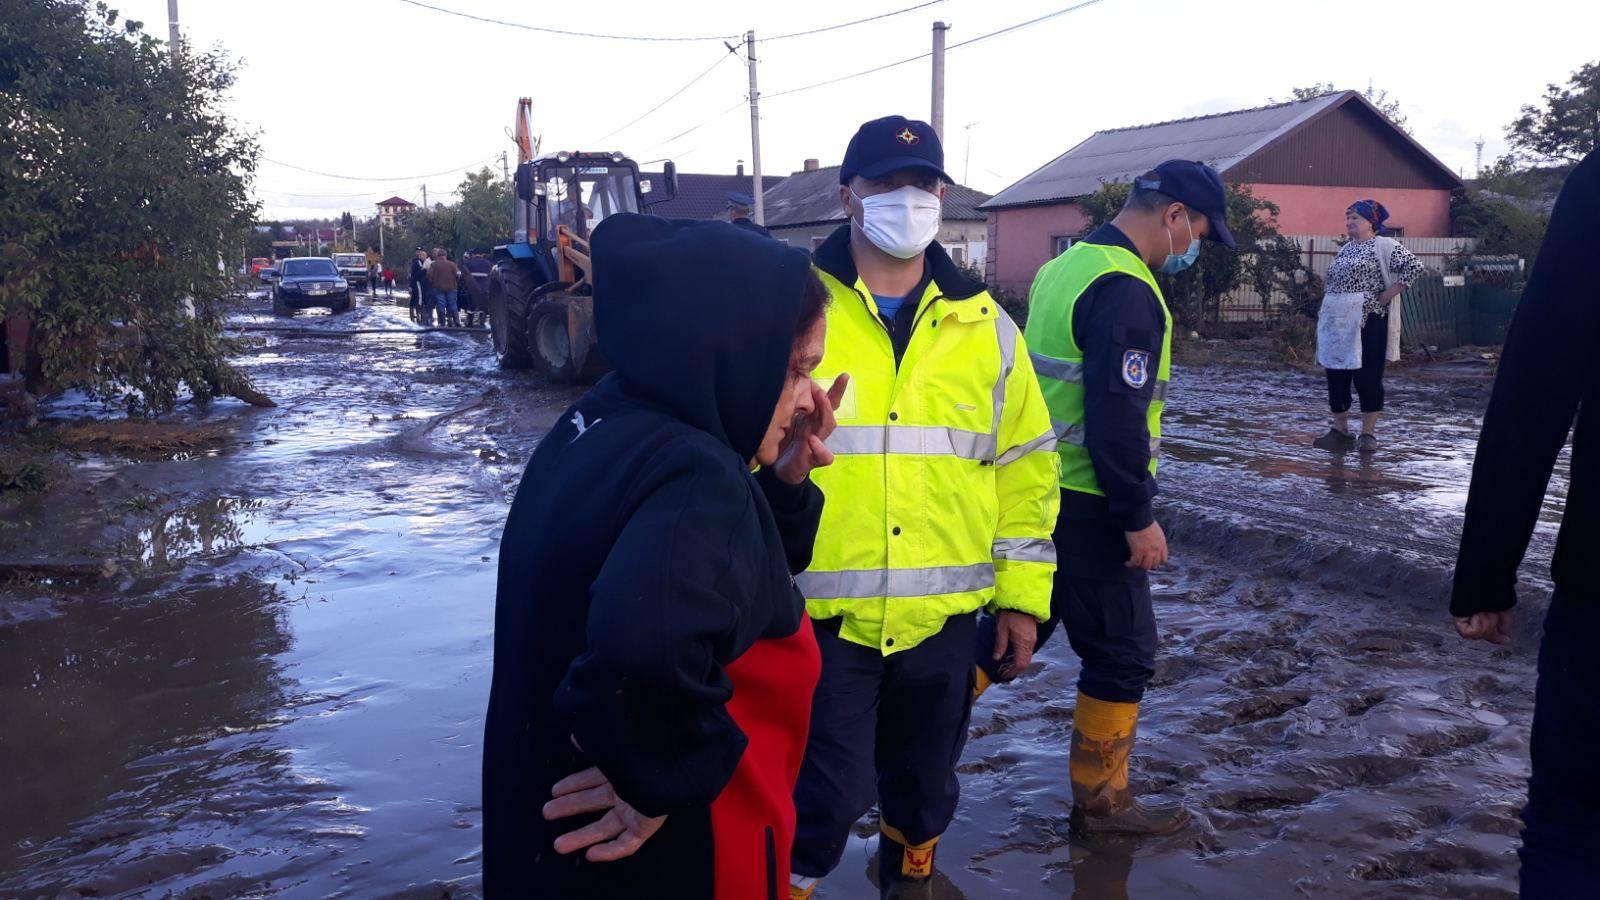 Oameni evacuați și locuințe înfundate în nămol. Imaginile dezastrului de ieri din Comrat, Leova, Cimișlia și Anenii Noi